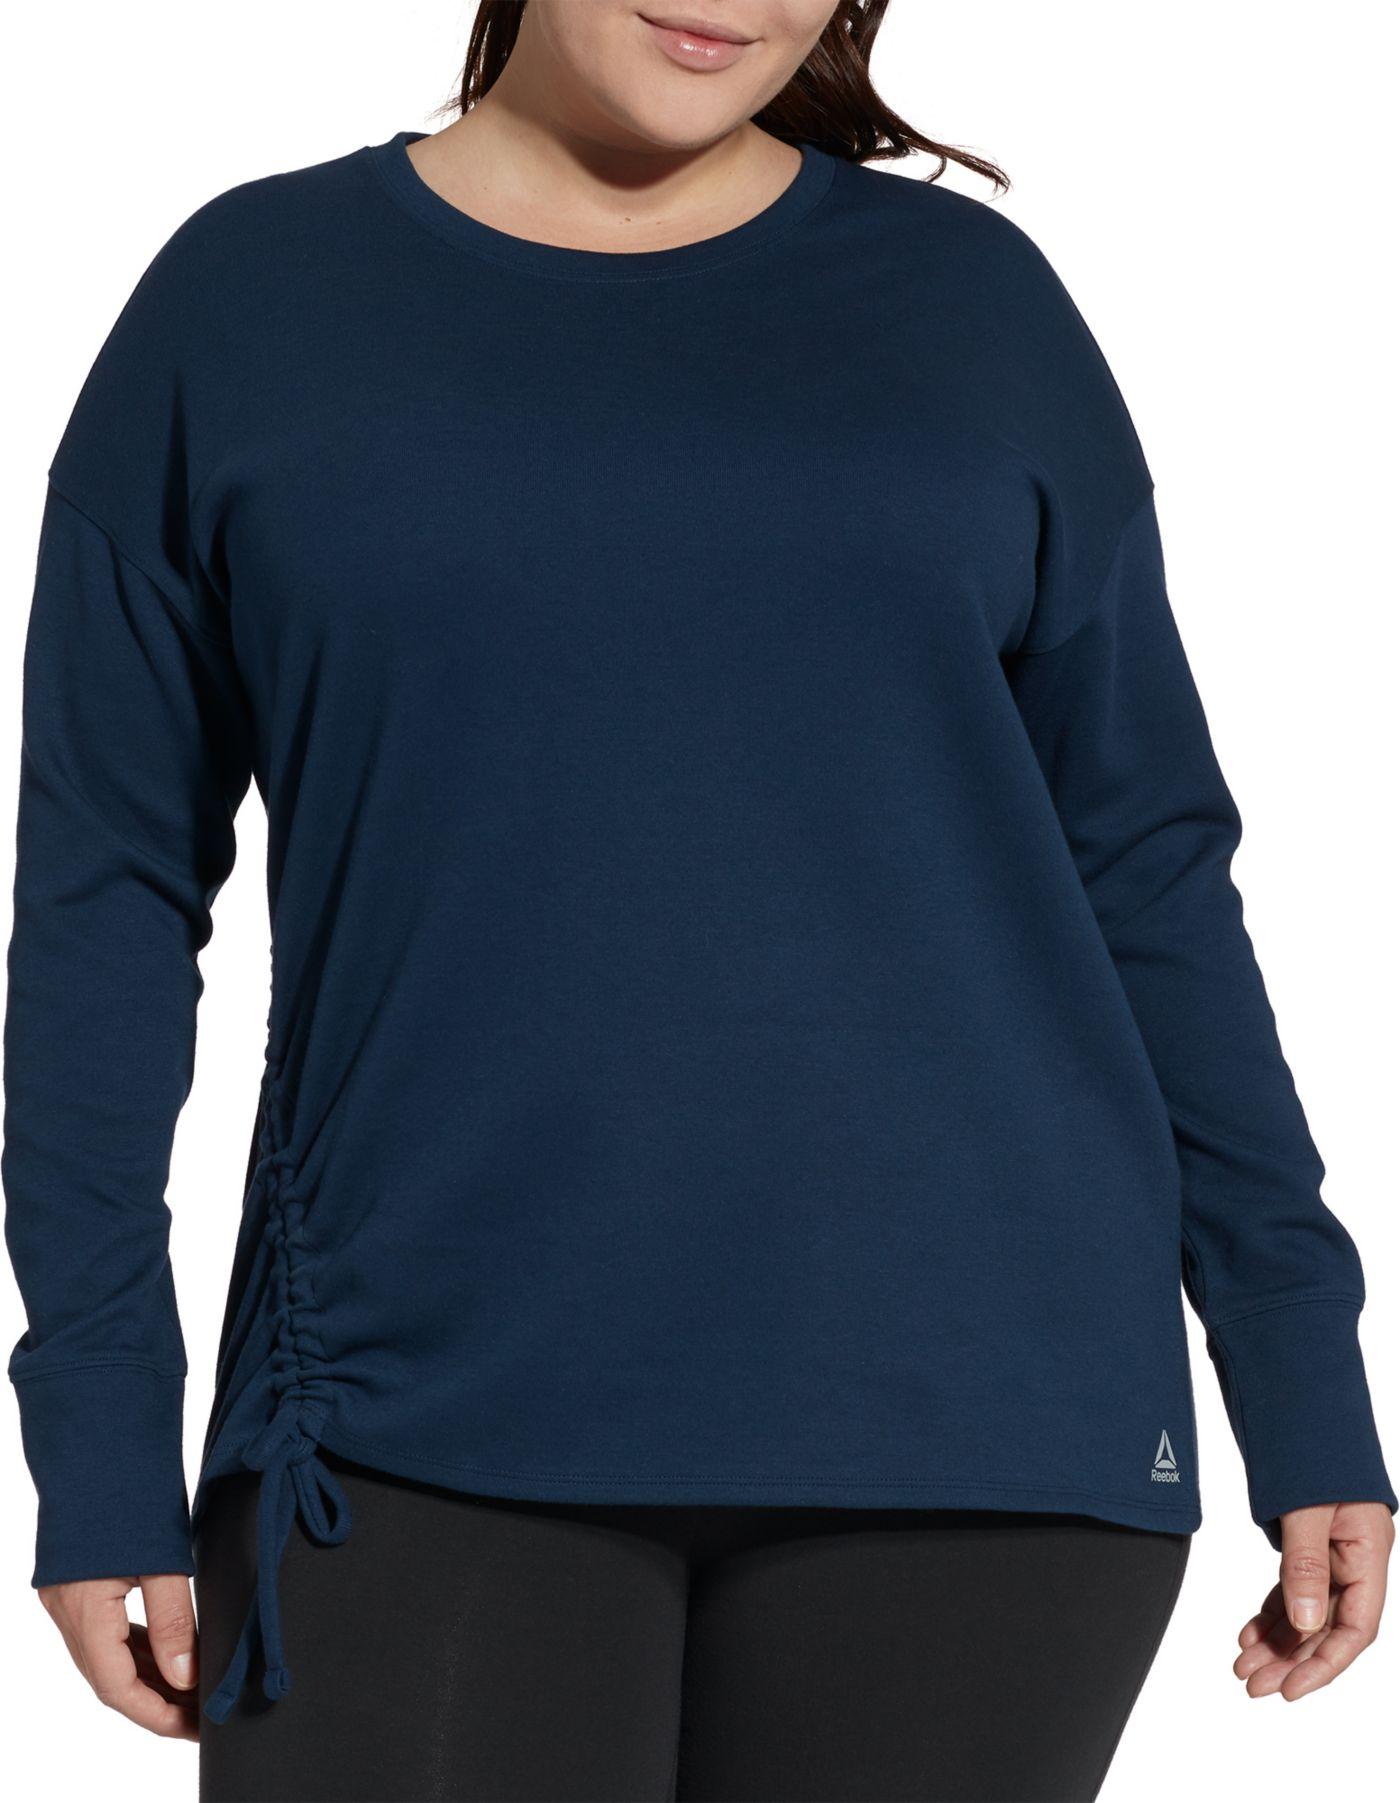 Reebok Women's Plus Size Fleece Side Cinch Crew Sweatshirt